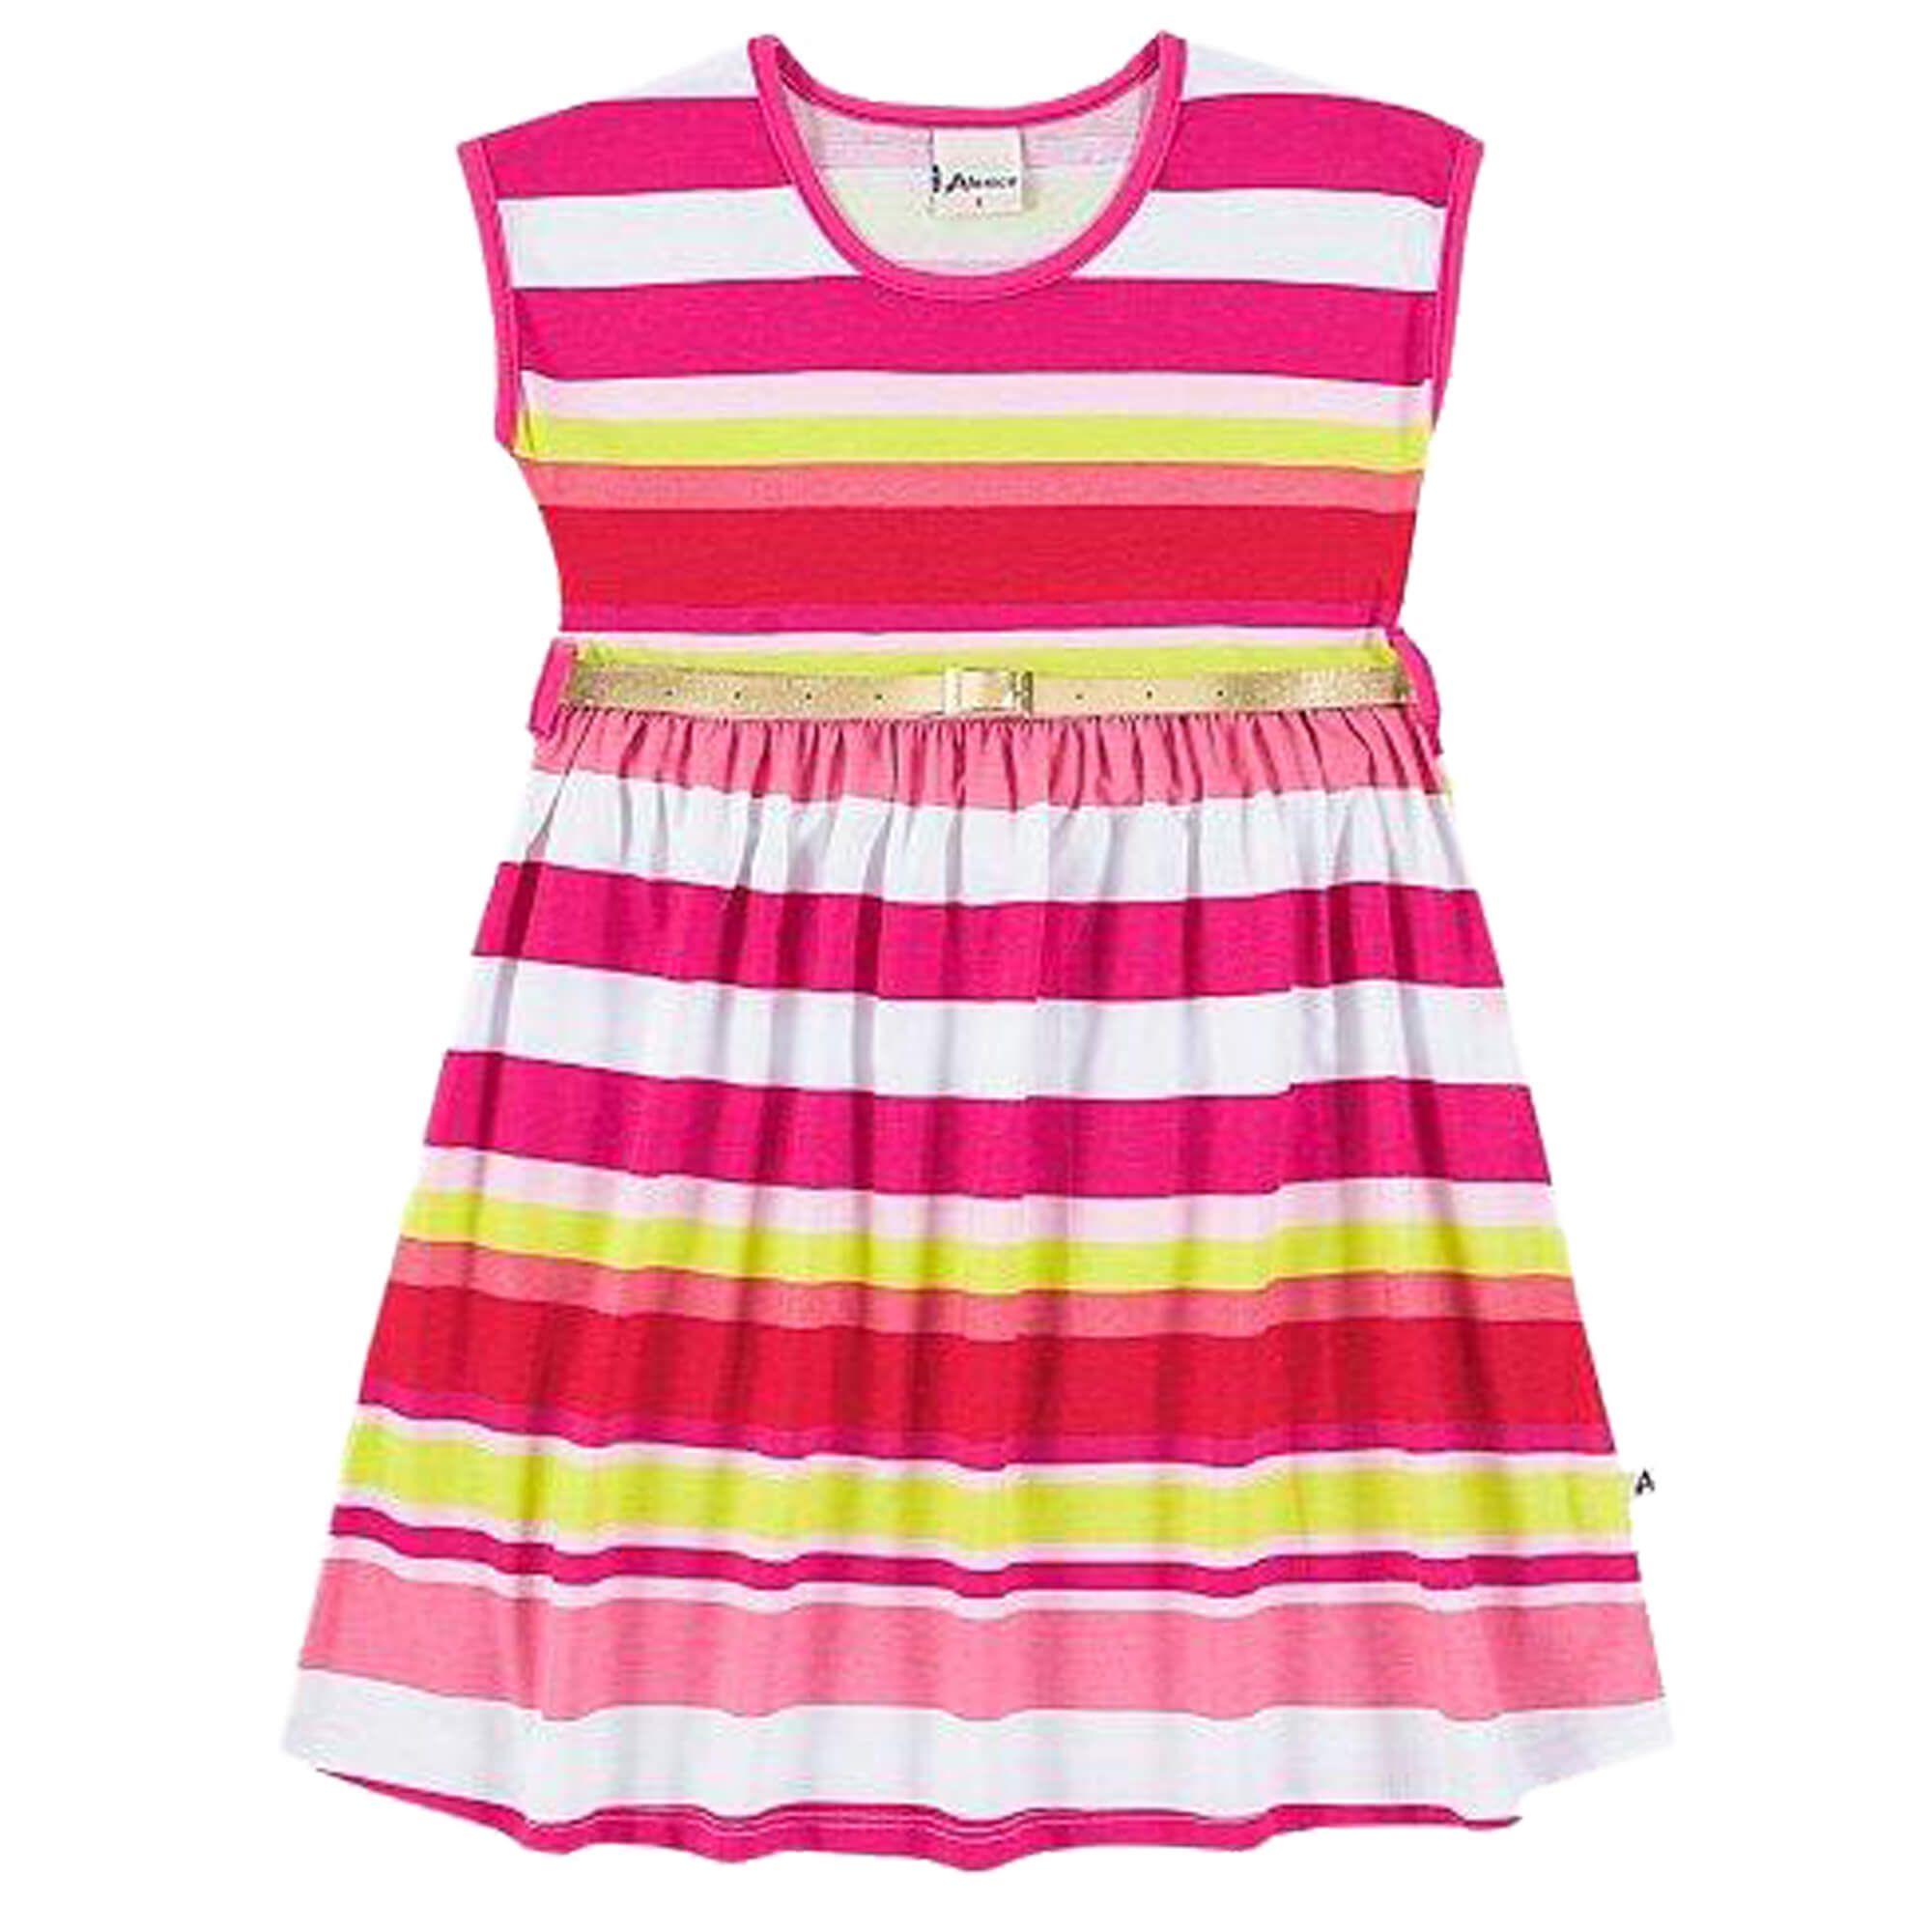 Vestido Verão Alenice Estampado com Cinto - 04 ao 08